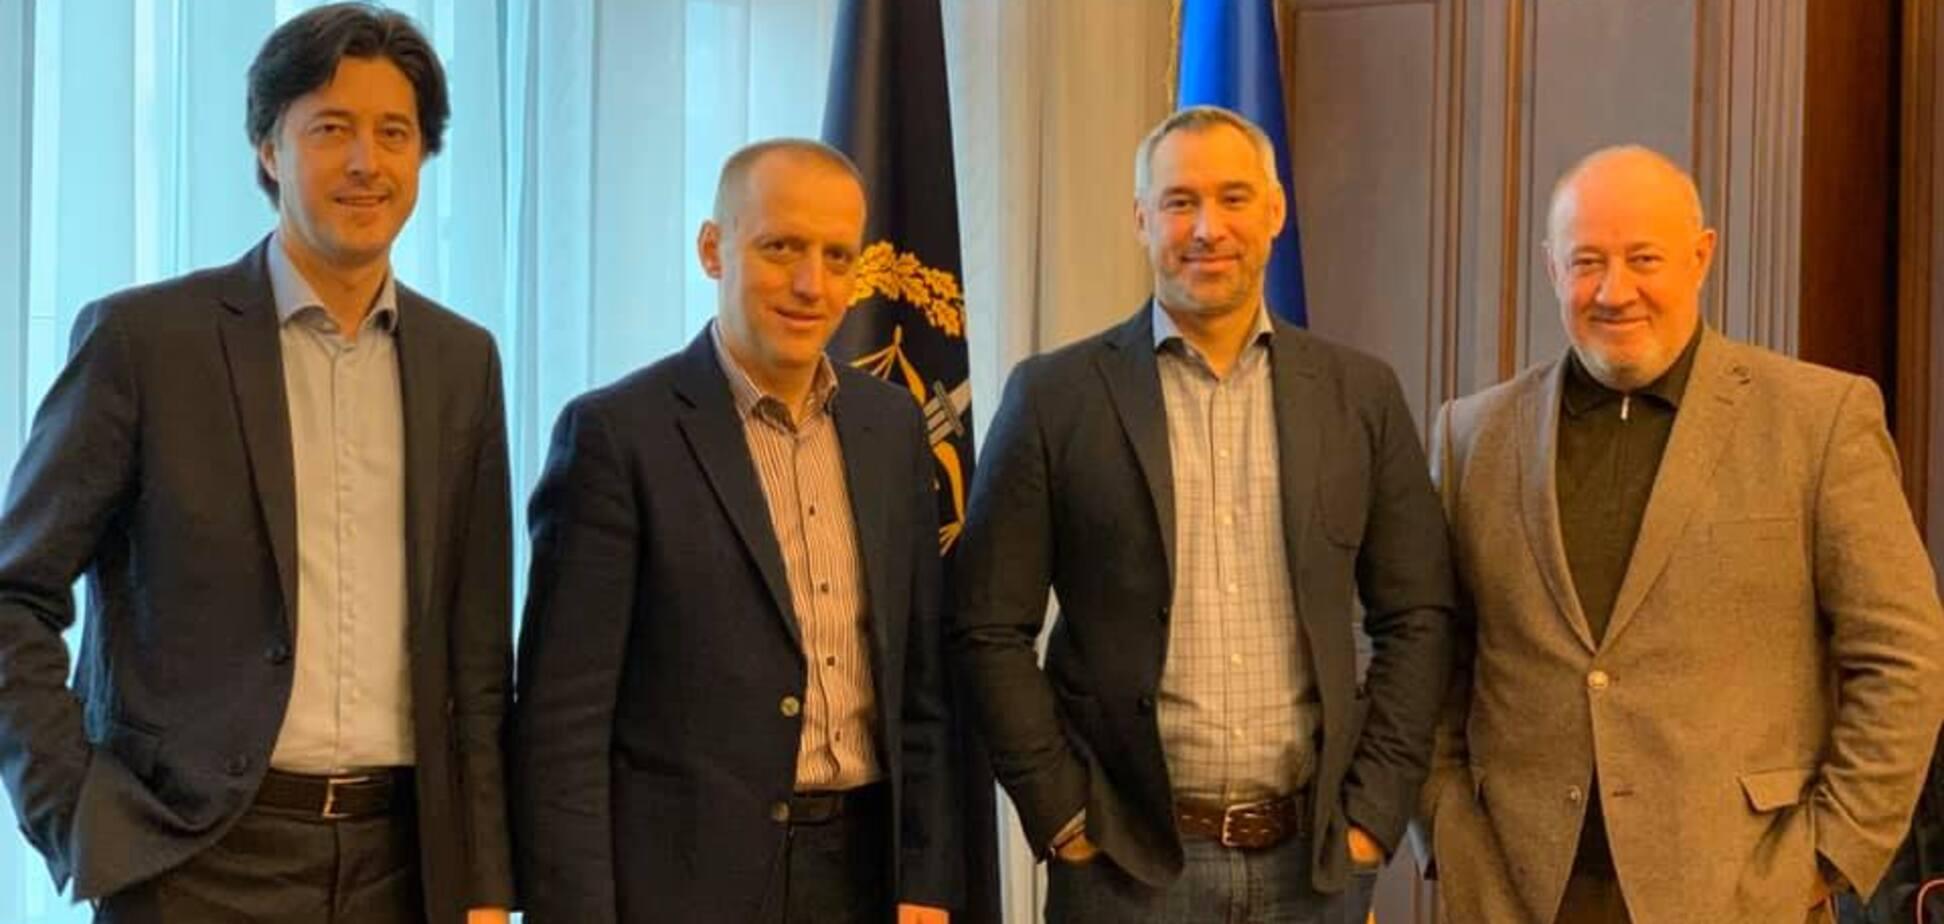 Рябошапка попрощался после отставки и показал фото из Офиса генпрокурора